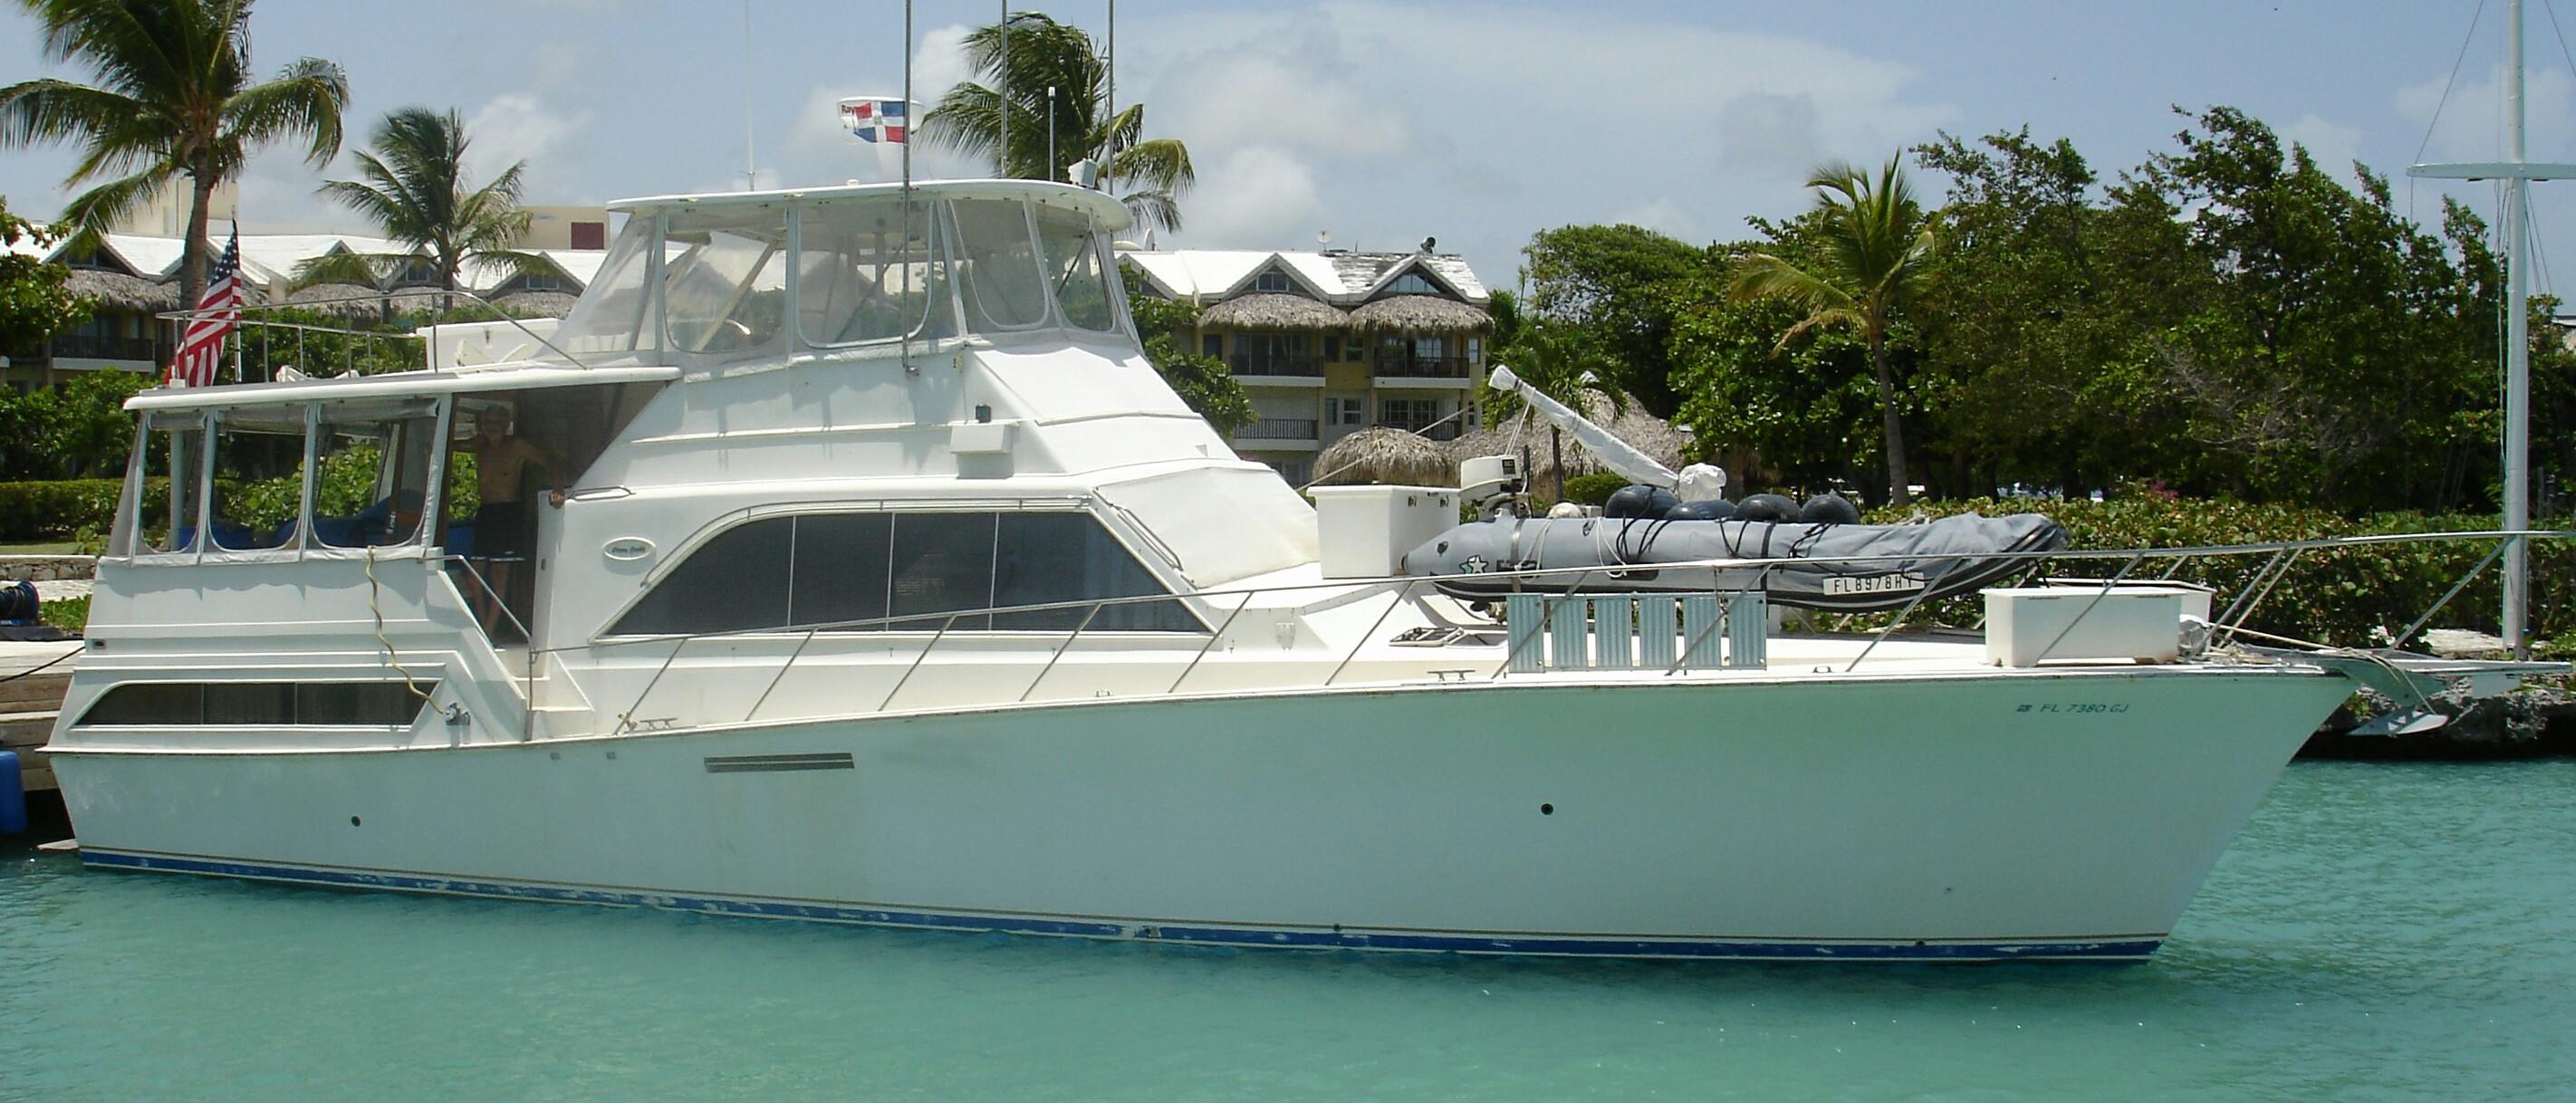 Panama, Contadora. Fantasy boat